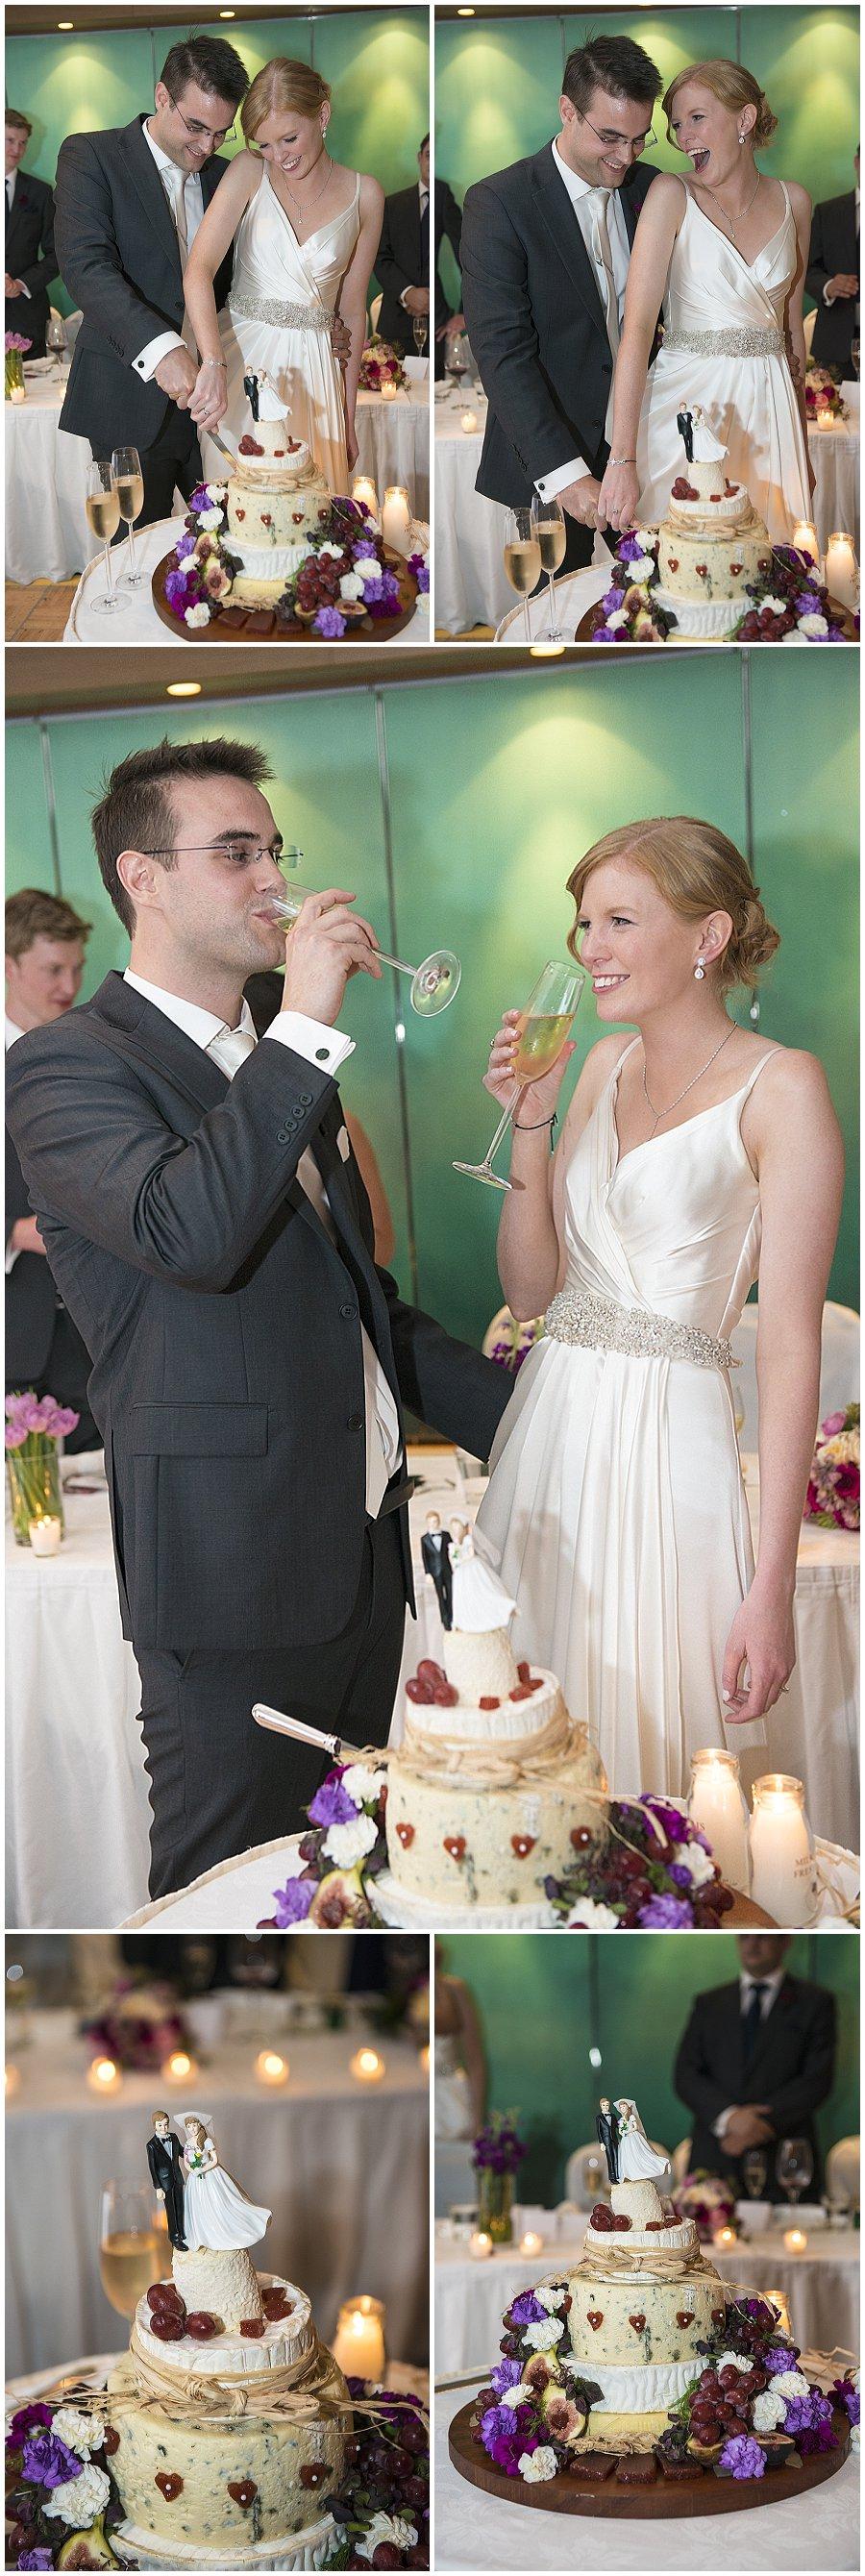 037 wedding l'aqua by morris